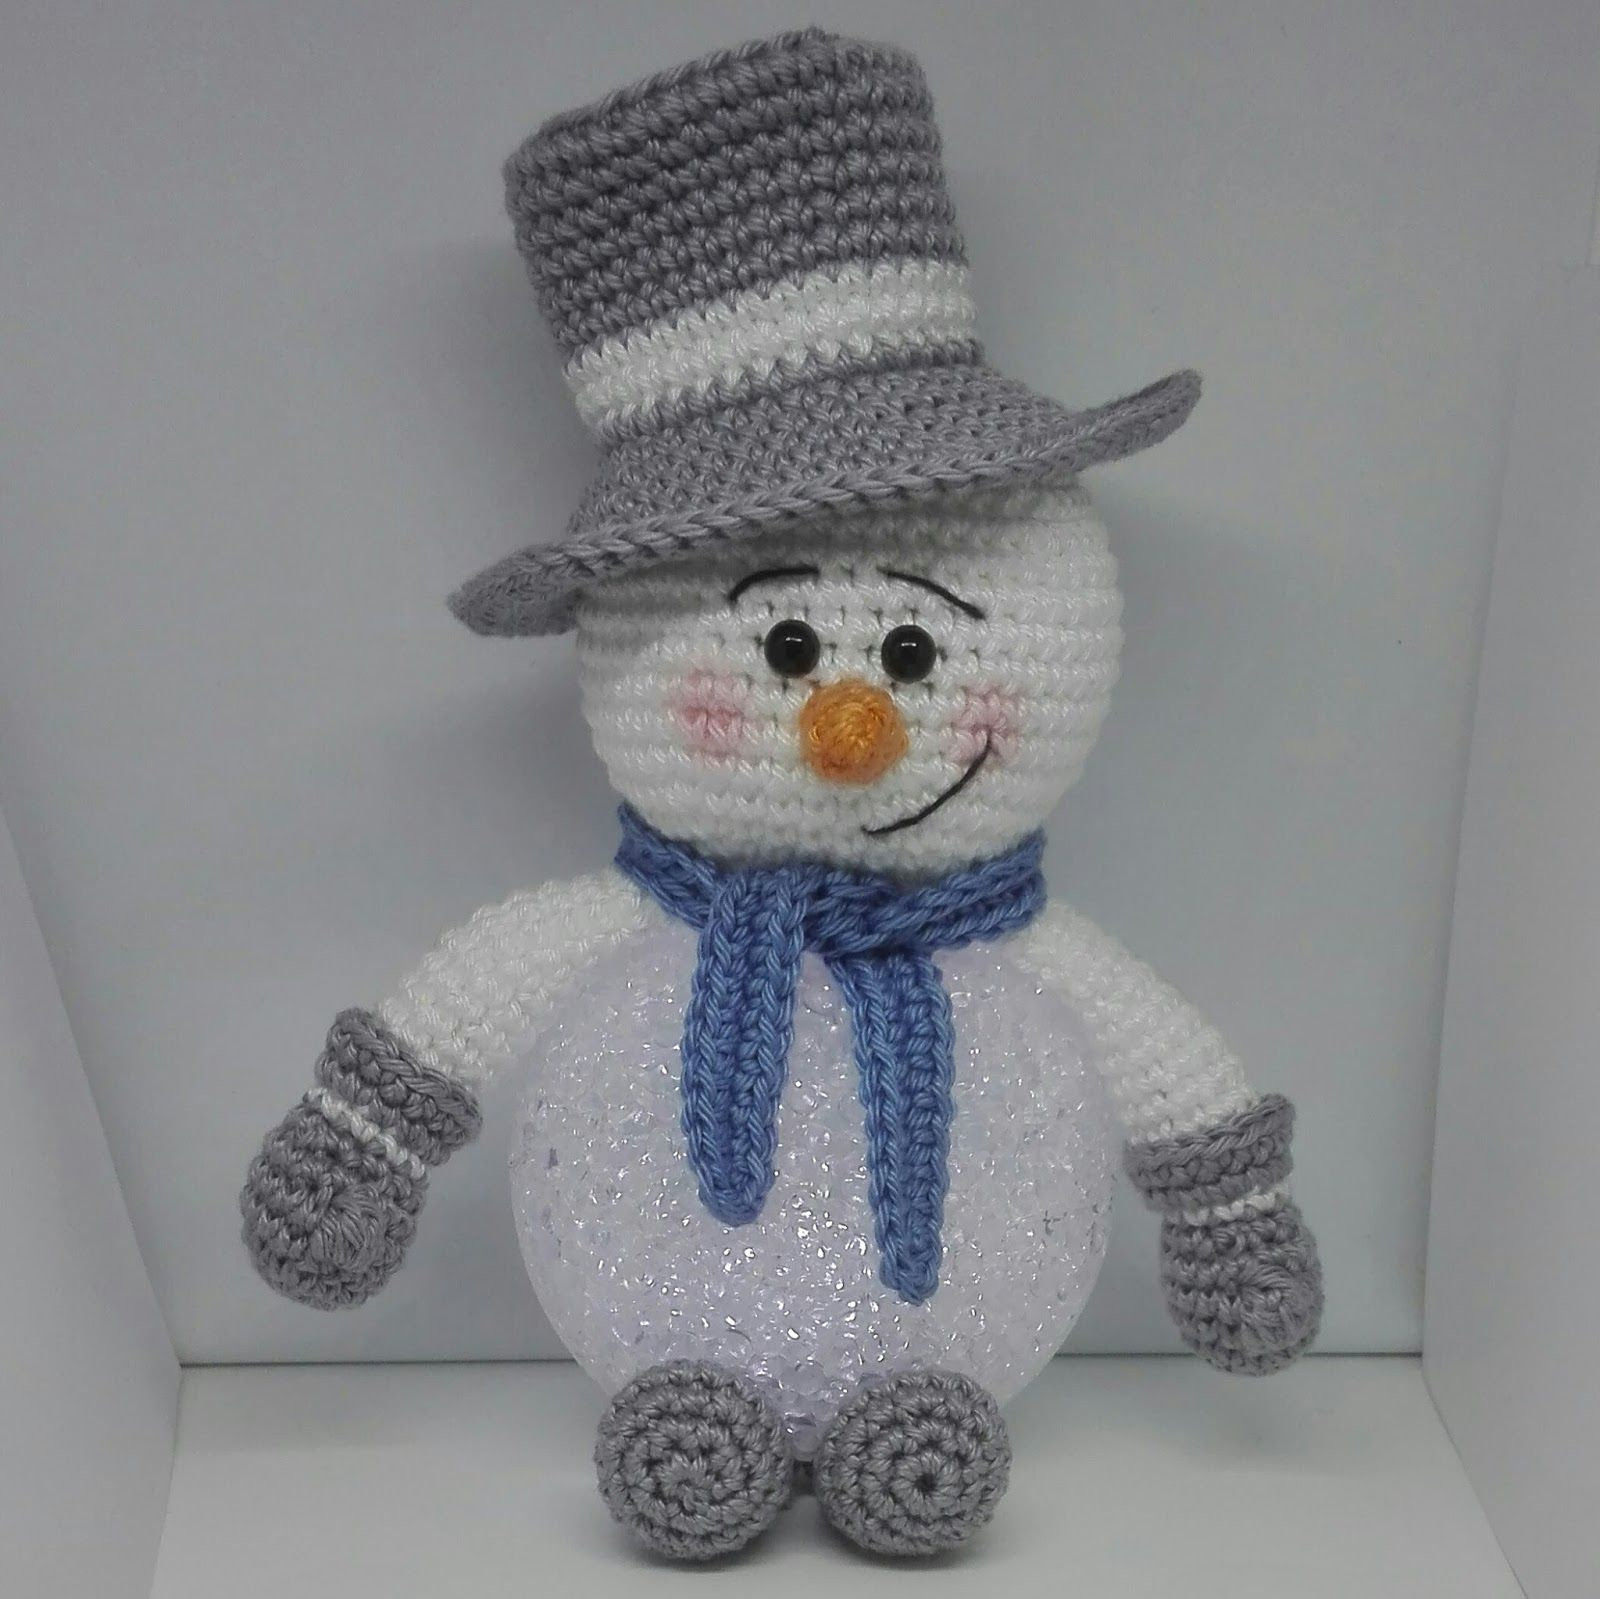 Sneeuwpop Op Ledbal Sneeuwpop Haken Kerst Kerst Haak Patronen